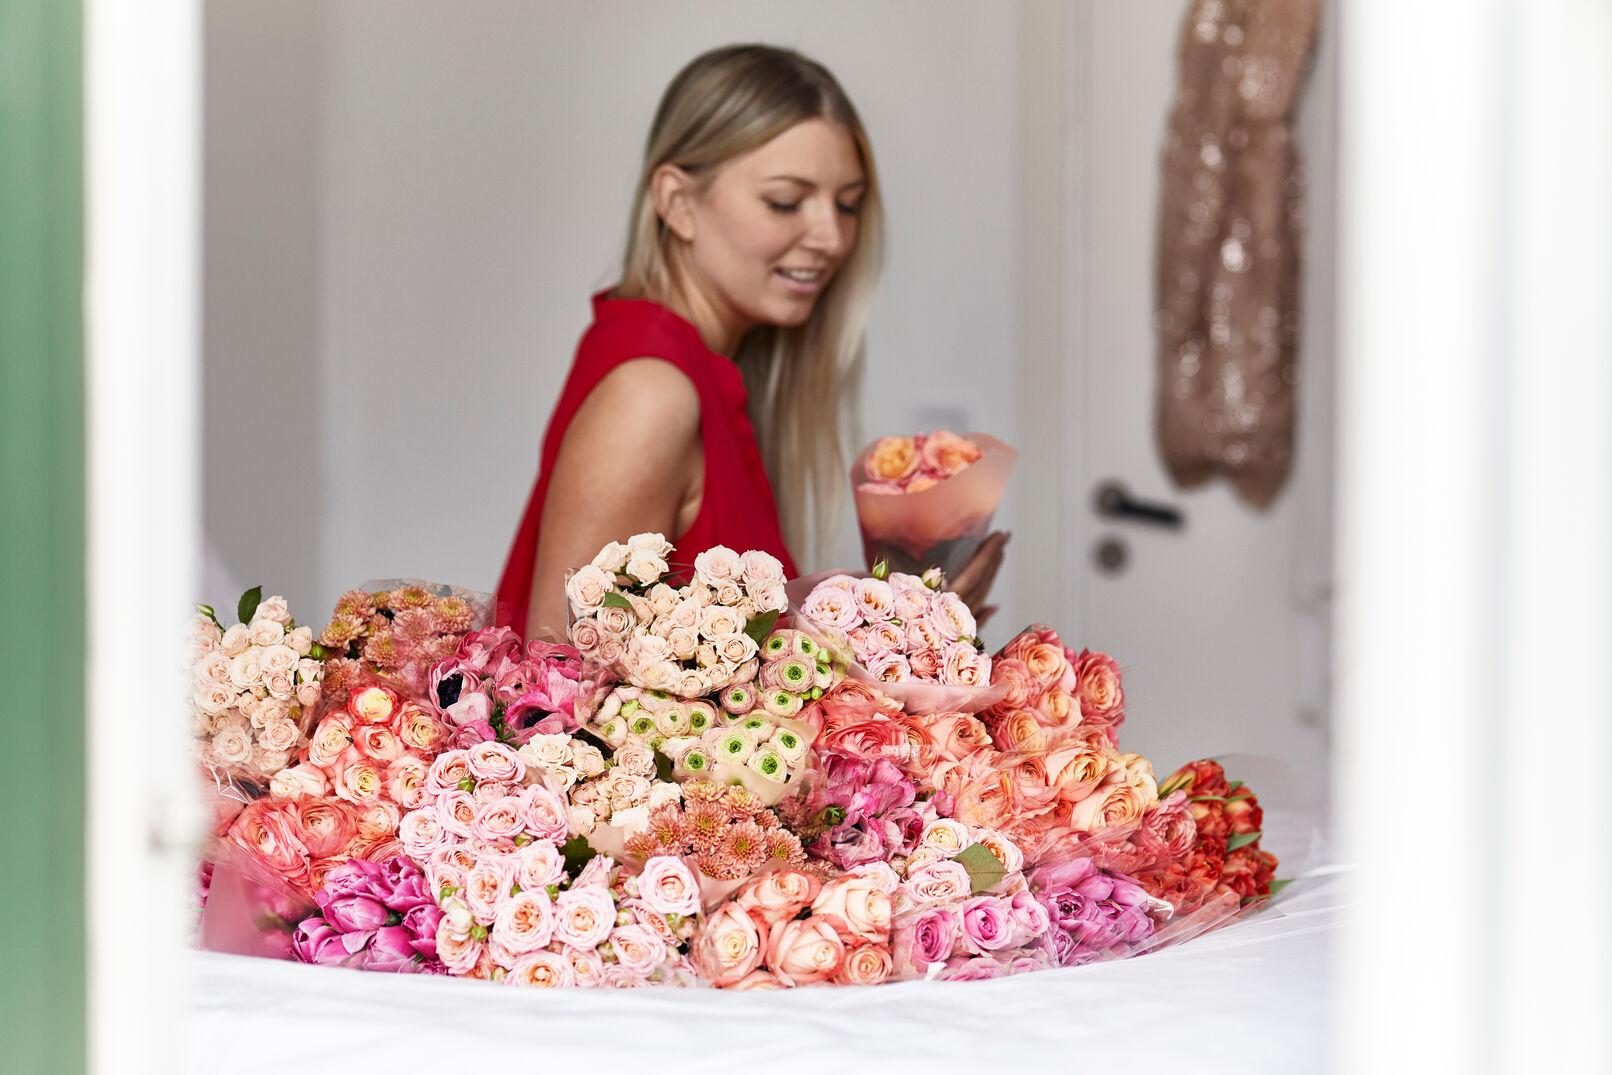 Liefdesbloemen traditie